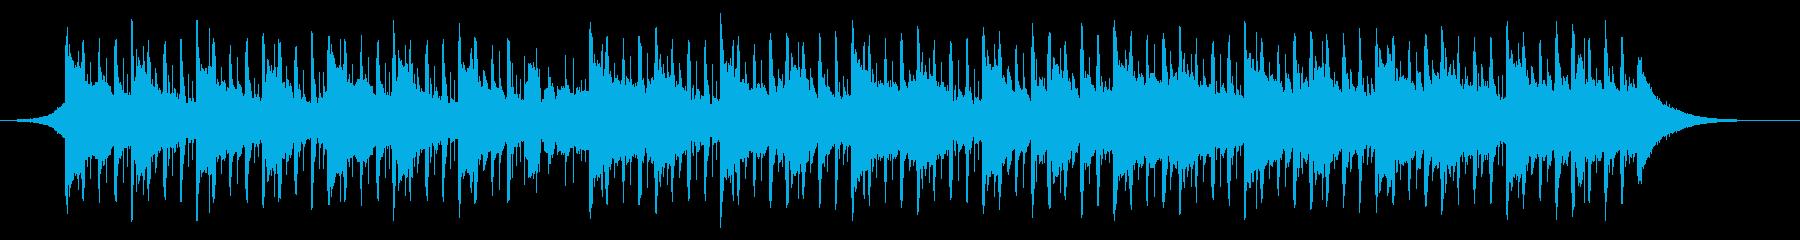 企業の健康(60秒)の再生済みの波形